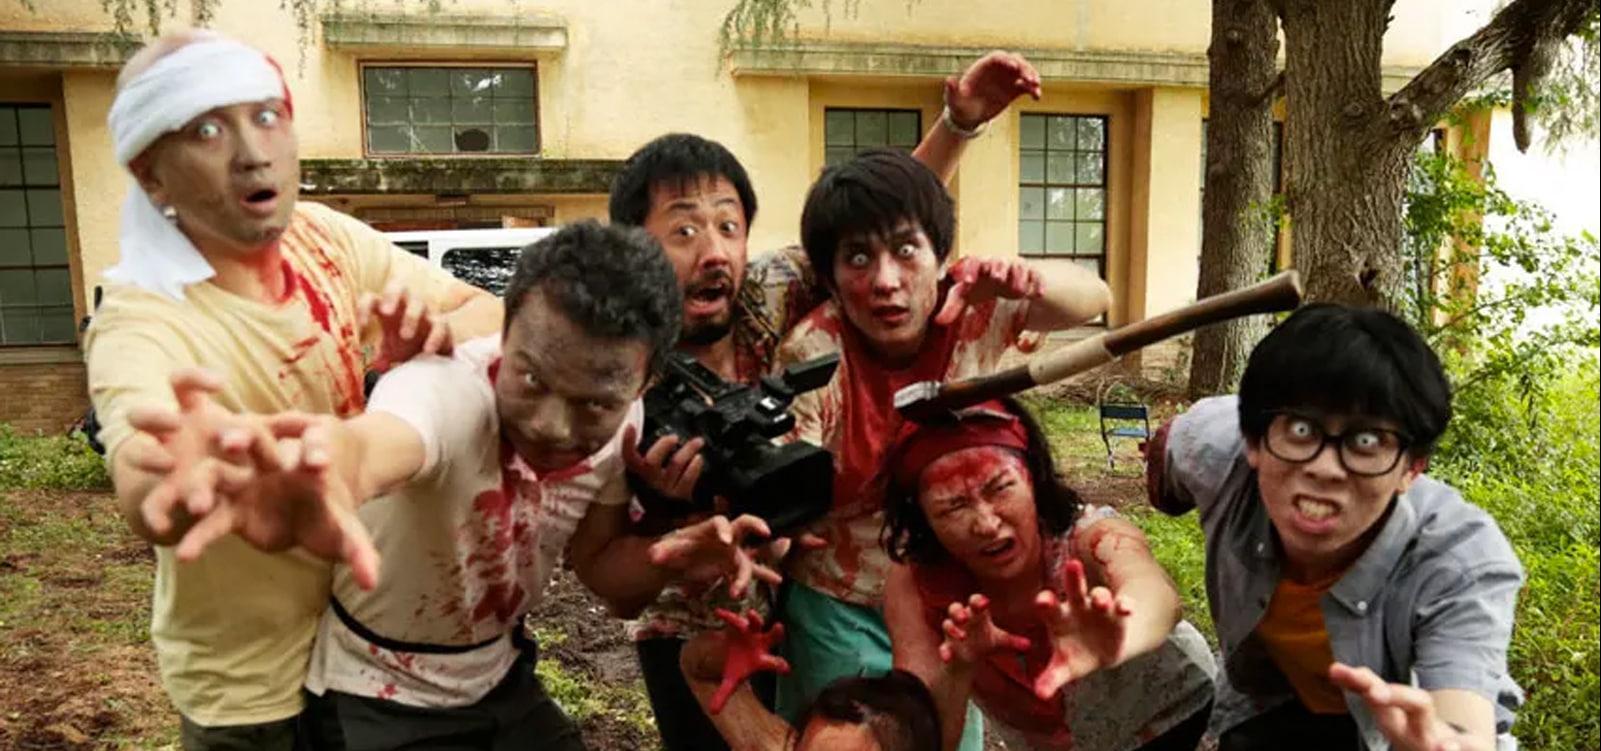 La sensación japonesa One Cut of the Dead llegará a Shudder en EUA